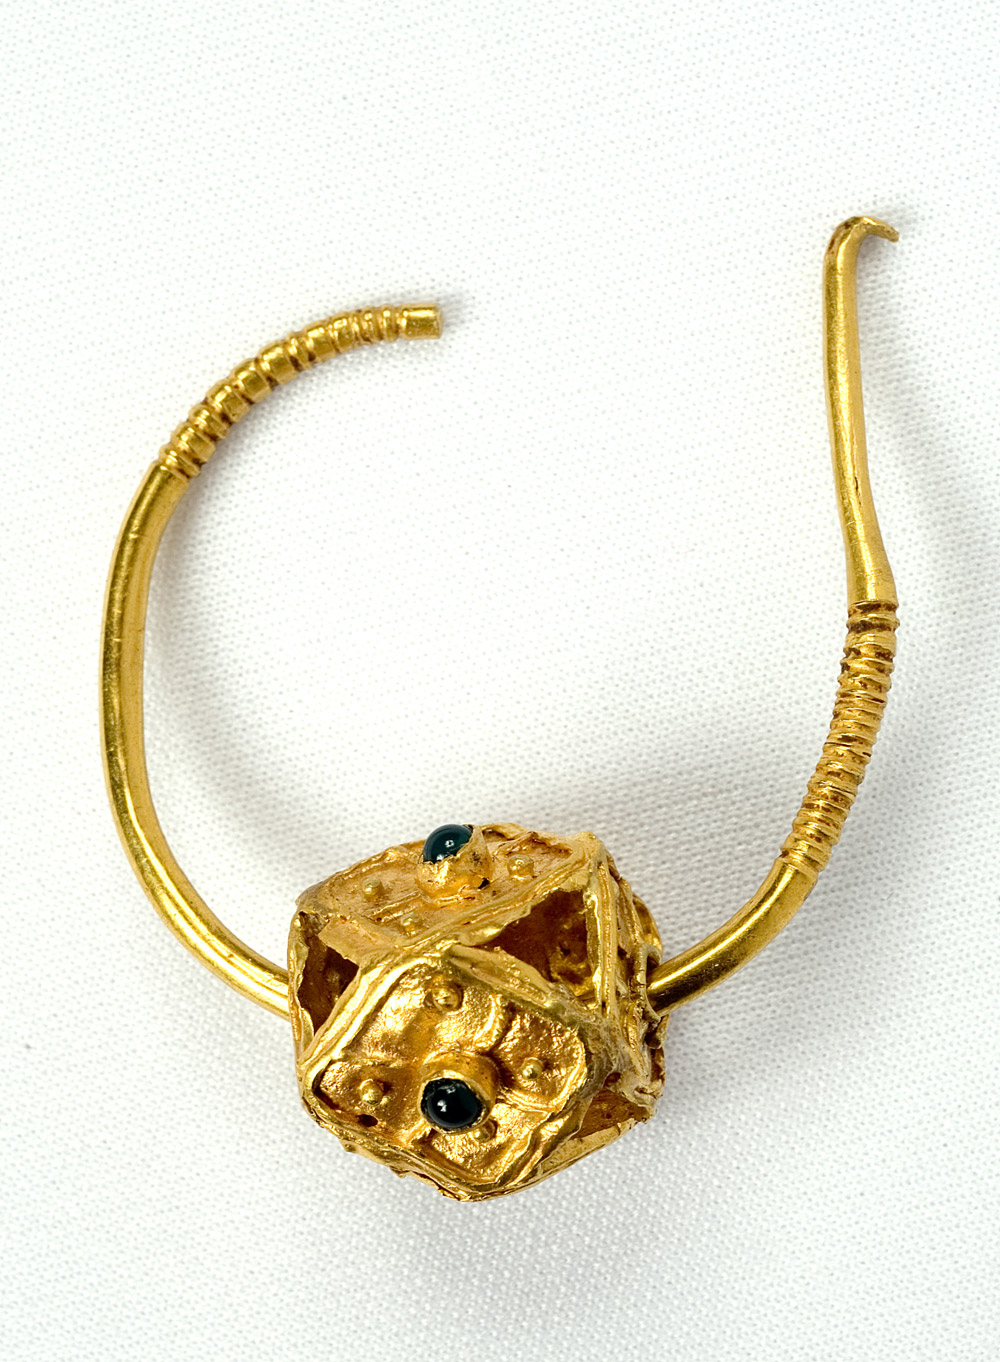 Pendiente. Oro. Visigodo. 500-650. Fuentes de Aquillán (Ibieca, Huesca). NIG. 07186. © Foto Fernando Alvira. Museo de Huesca.